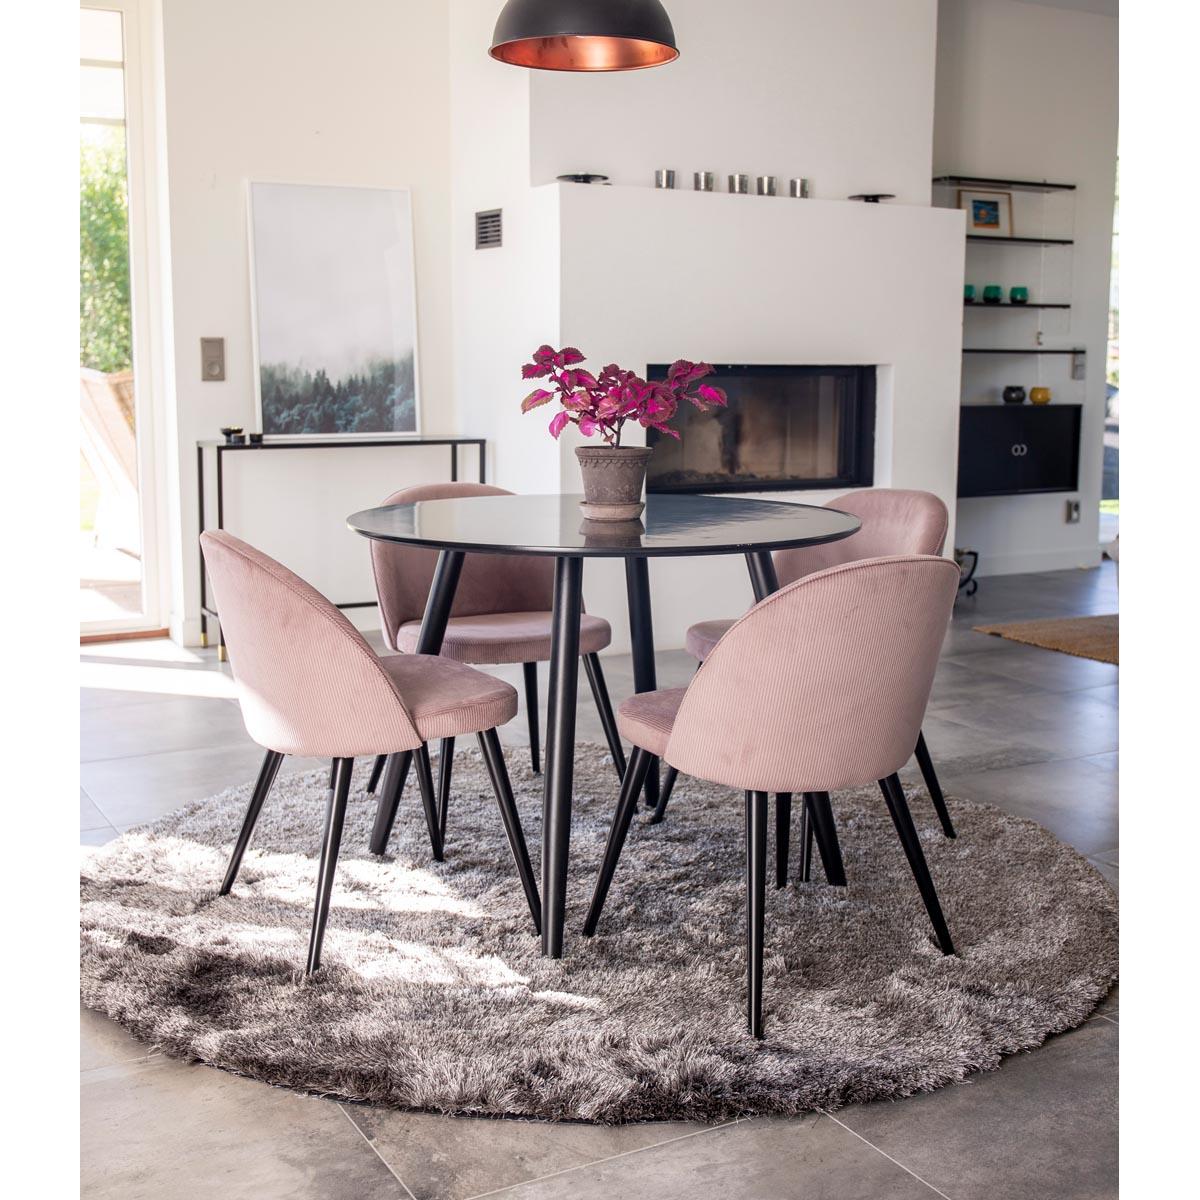 plaza-bord-svart+velvet-rosa-manchester-miljo-17940-488+19960-999+19983-345